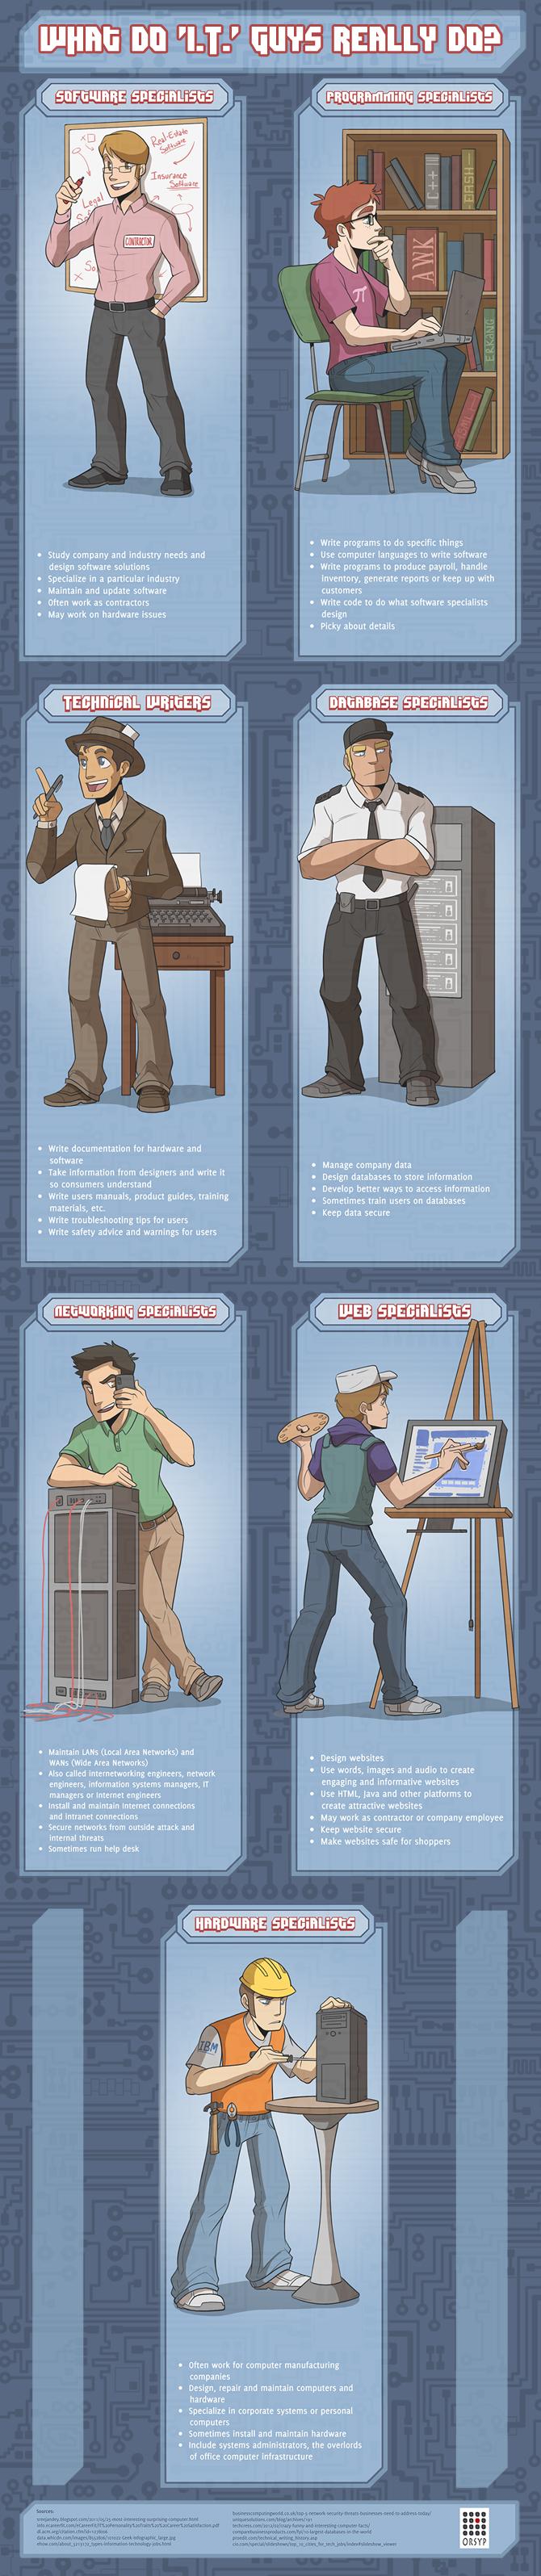 job_of_it_professionals